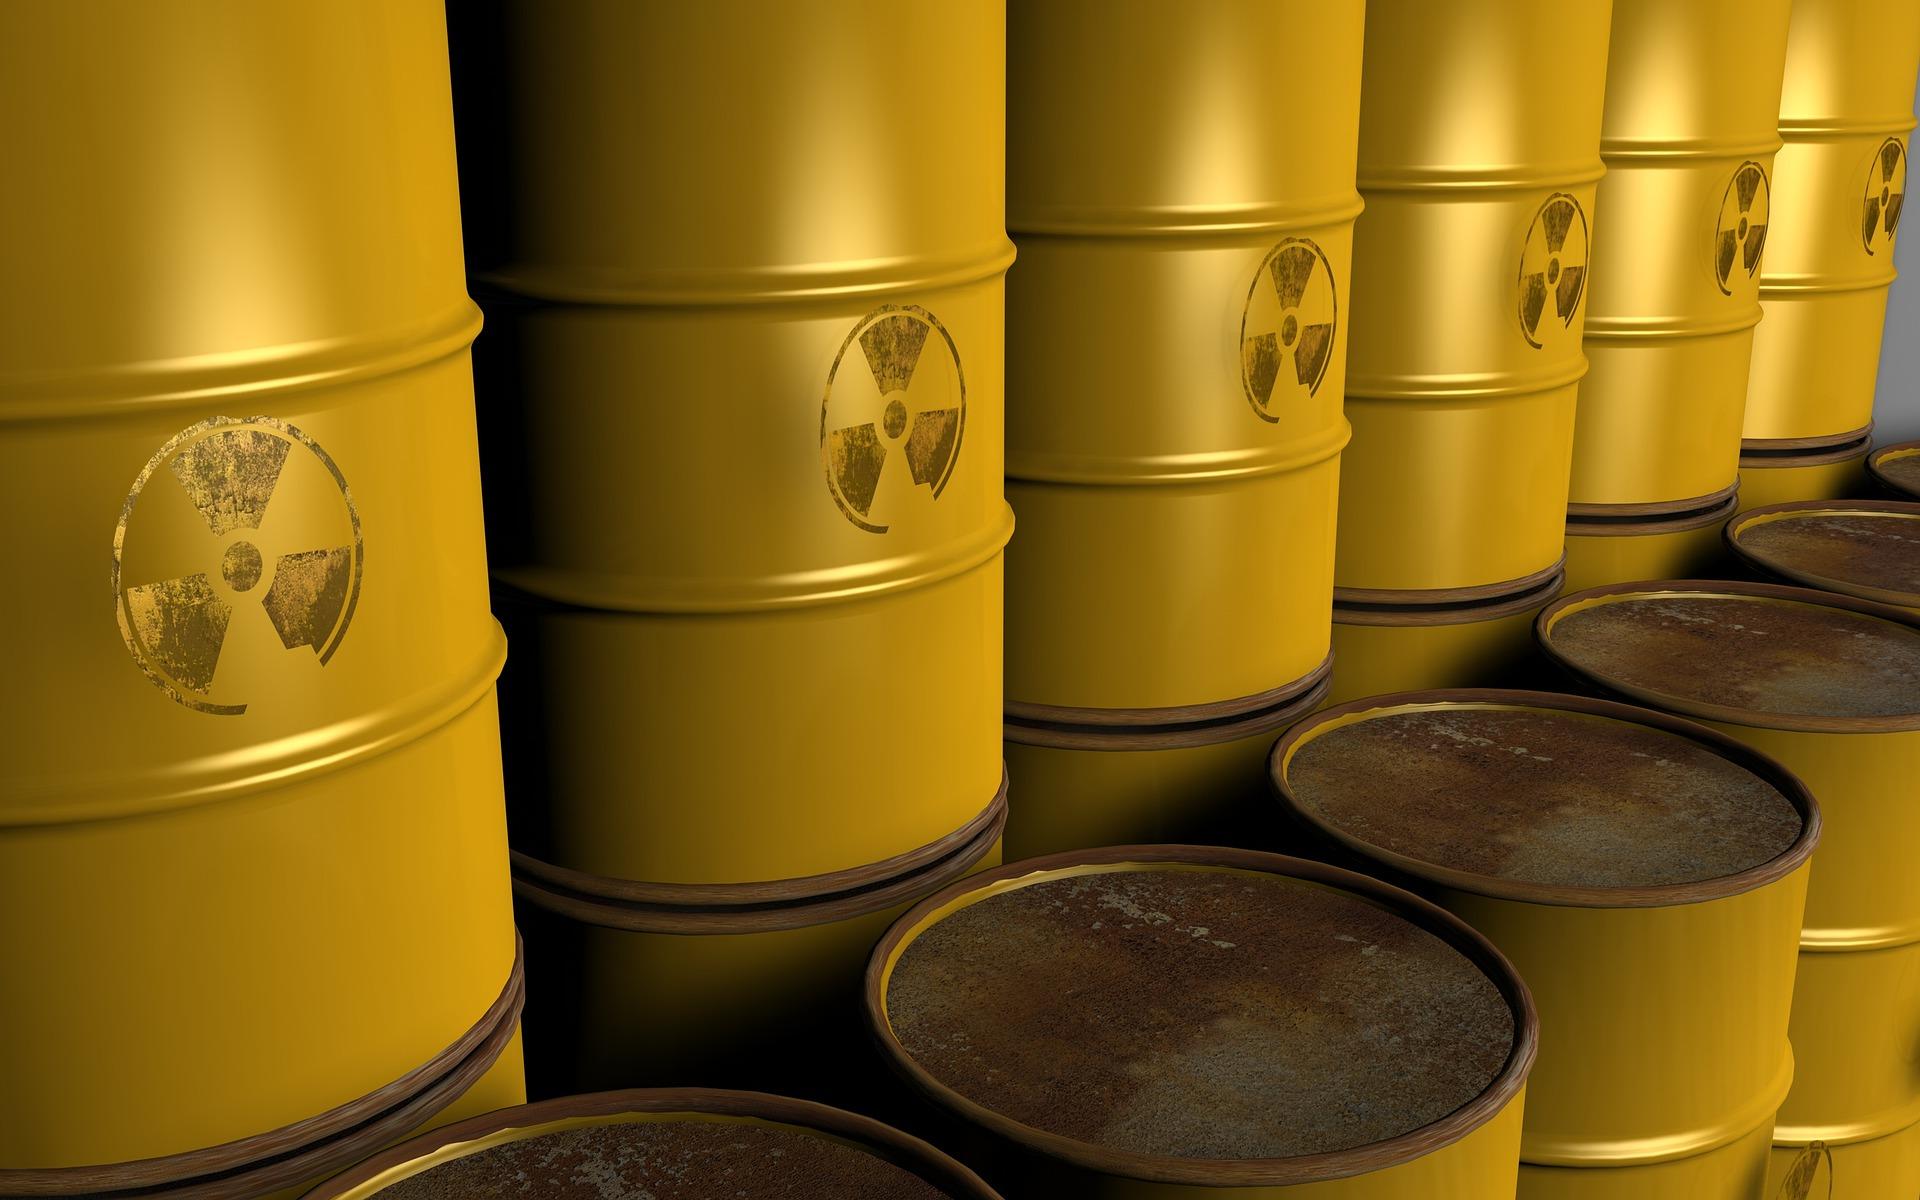 Zbiorniki na chemikalia – jak prawidłowo przechowywać materiały niebezpieczne?